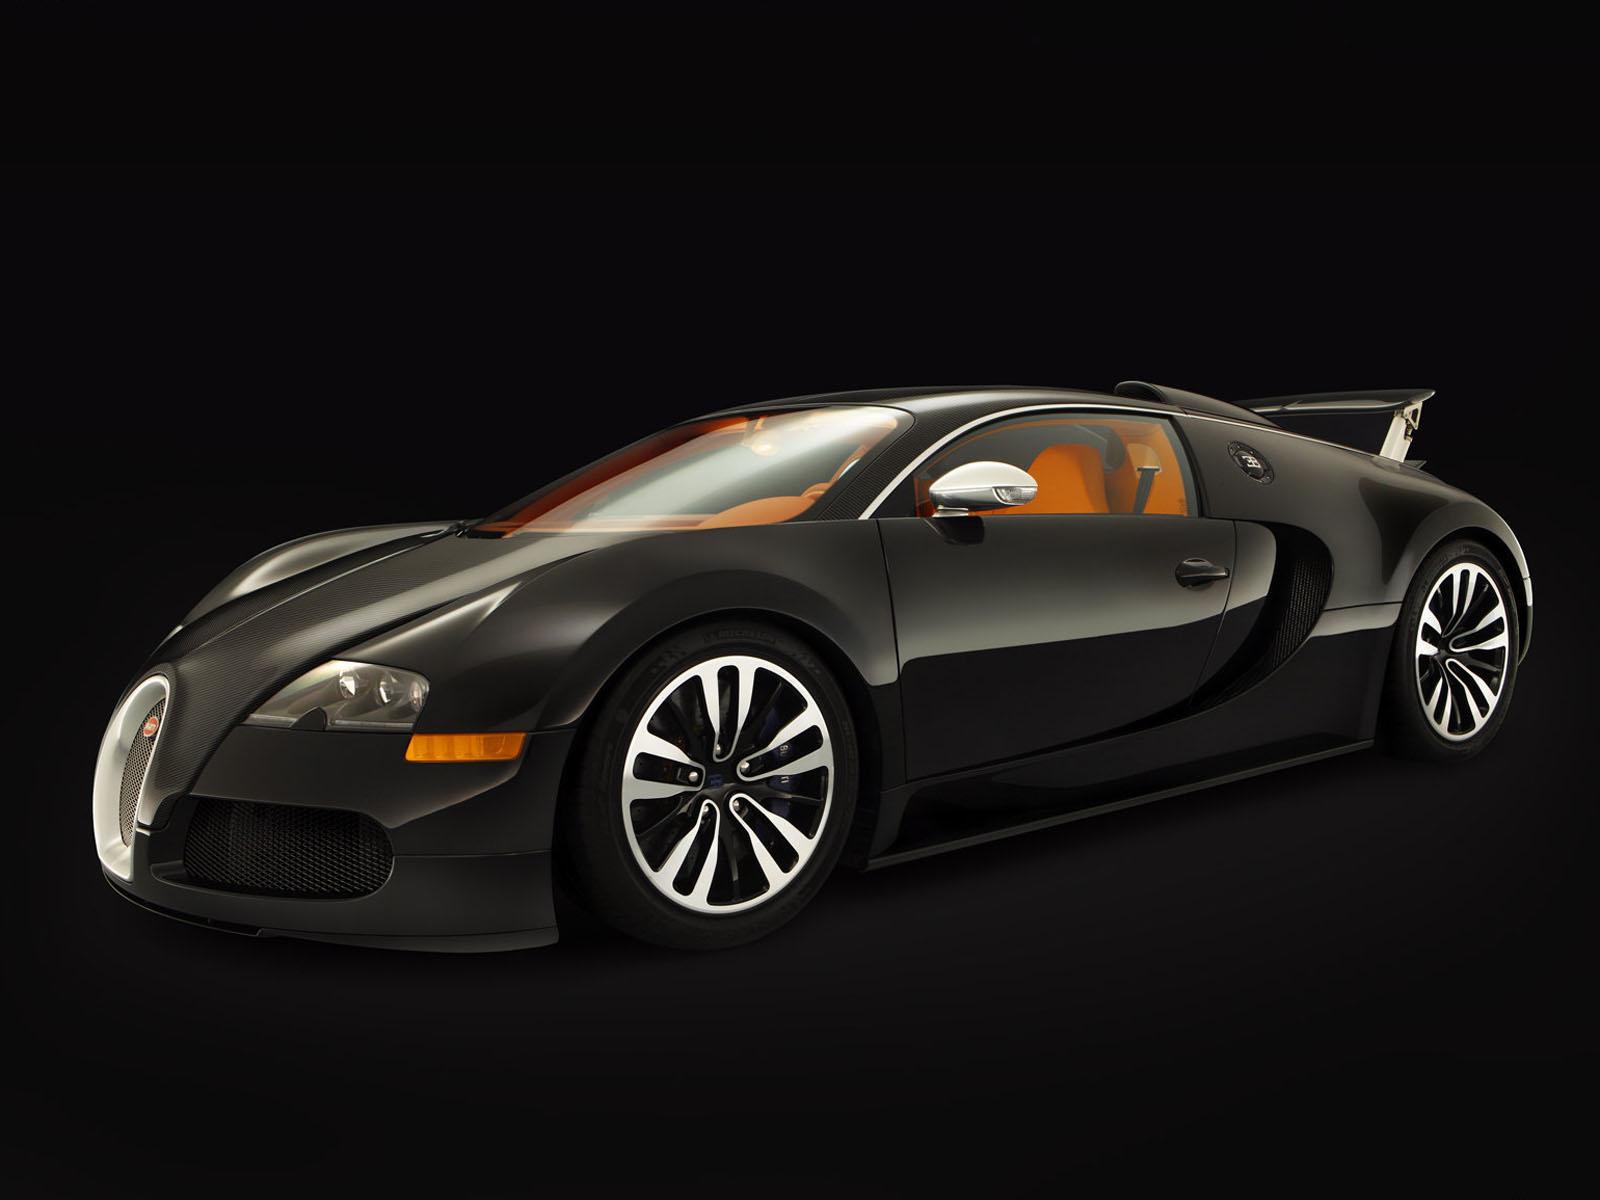 новый концепт, Bugatti, car, wallpaper, скачать фото обои на рабочий стол